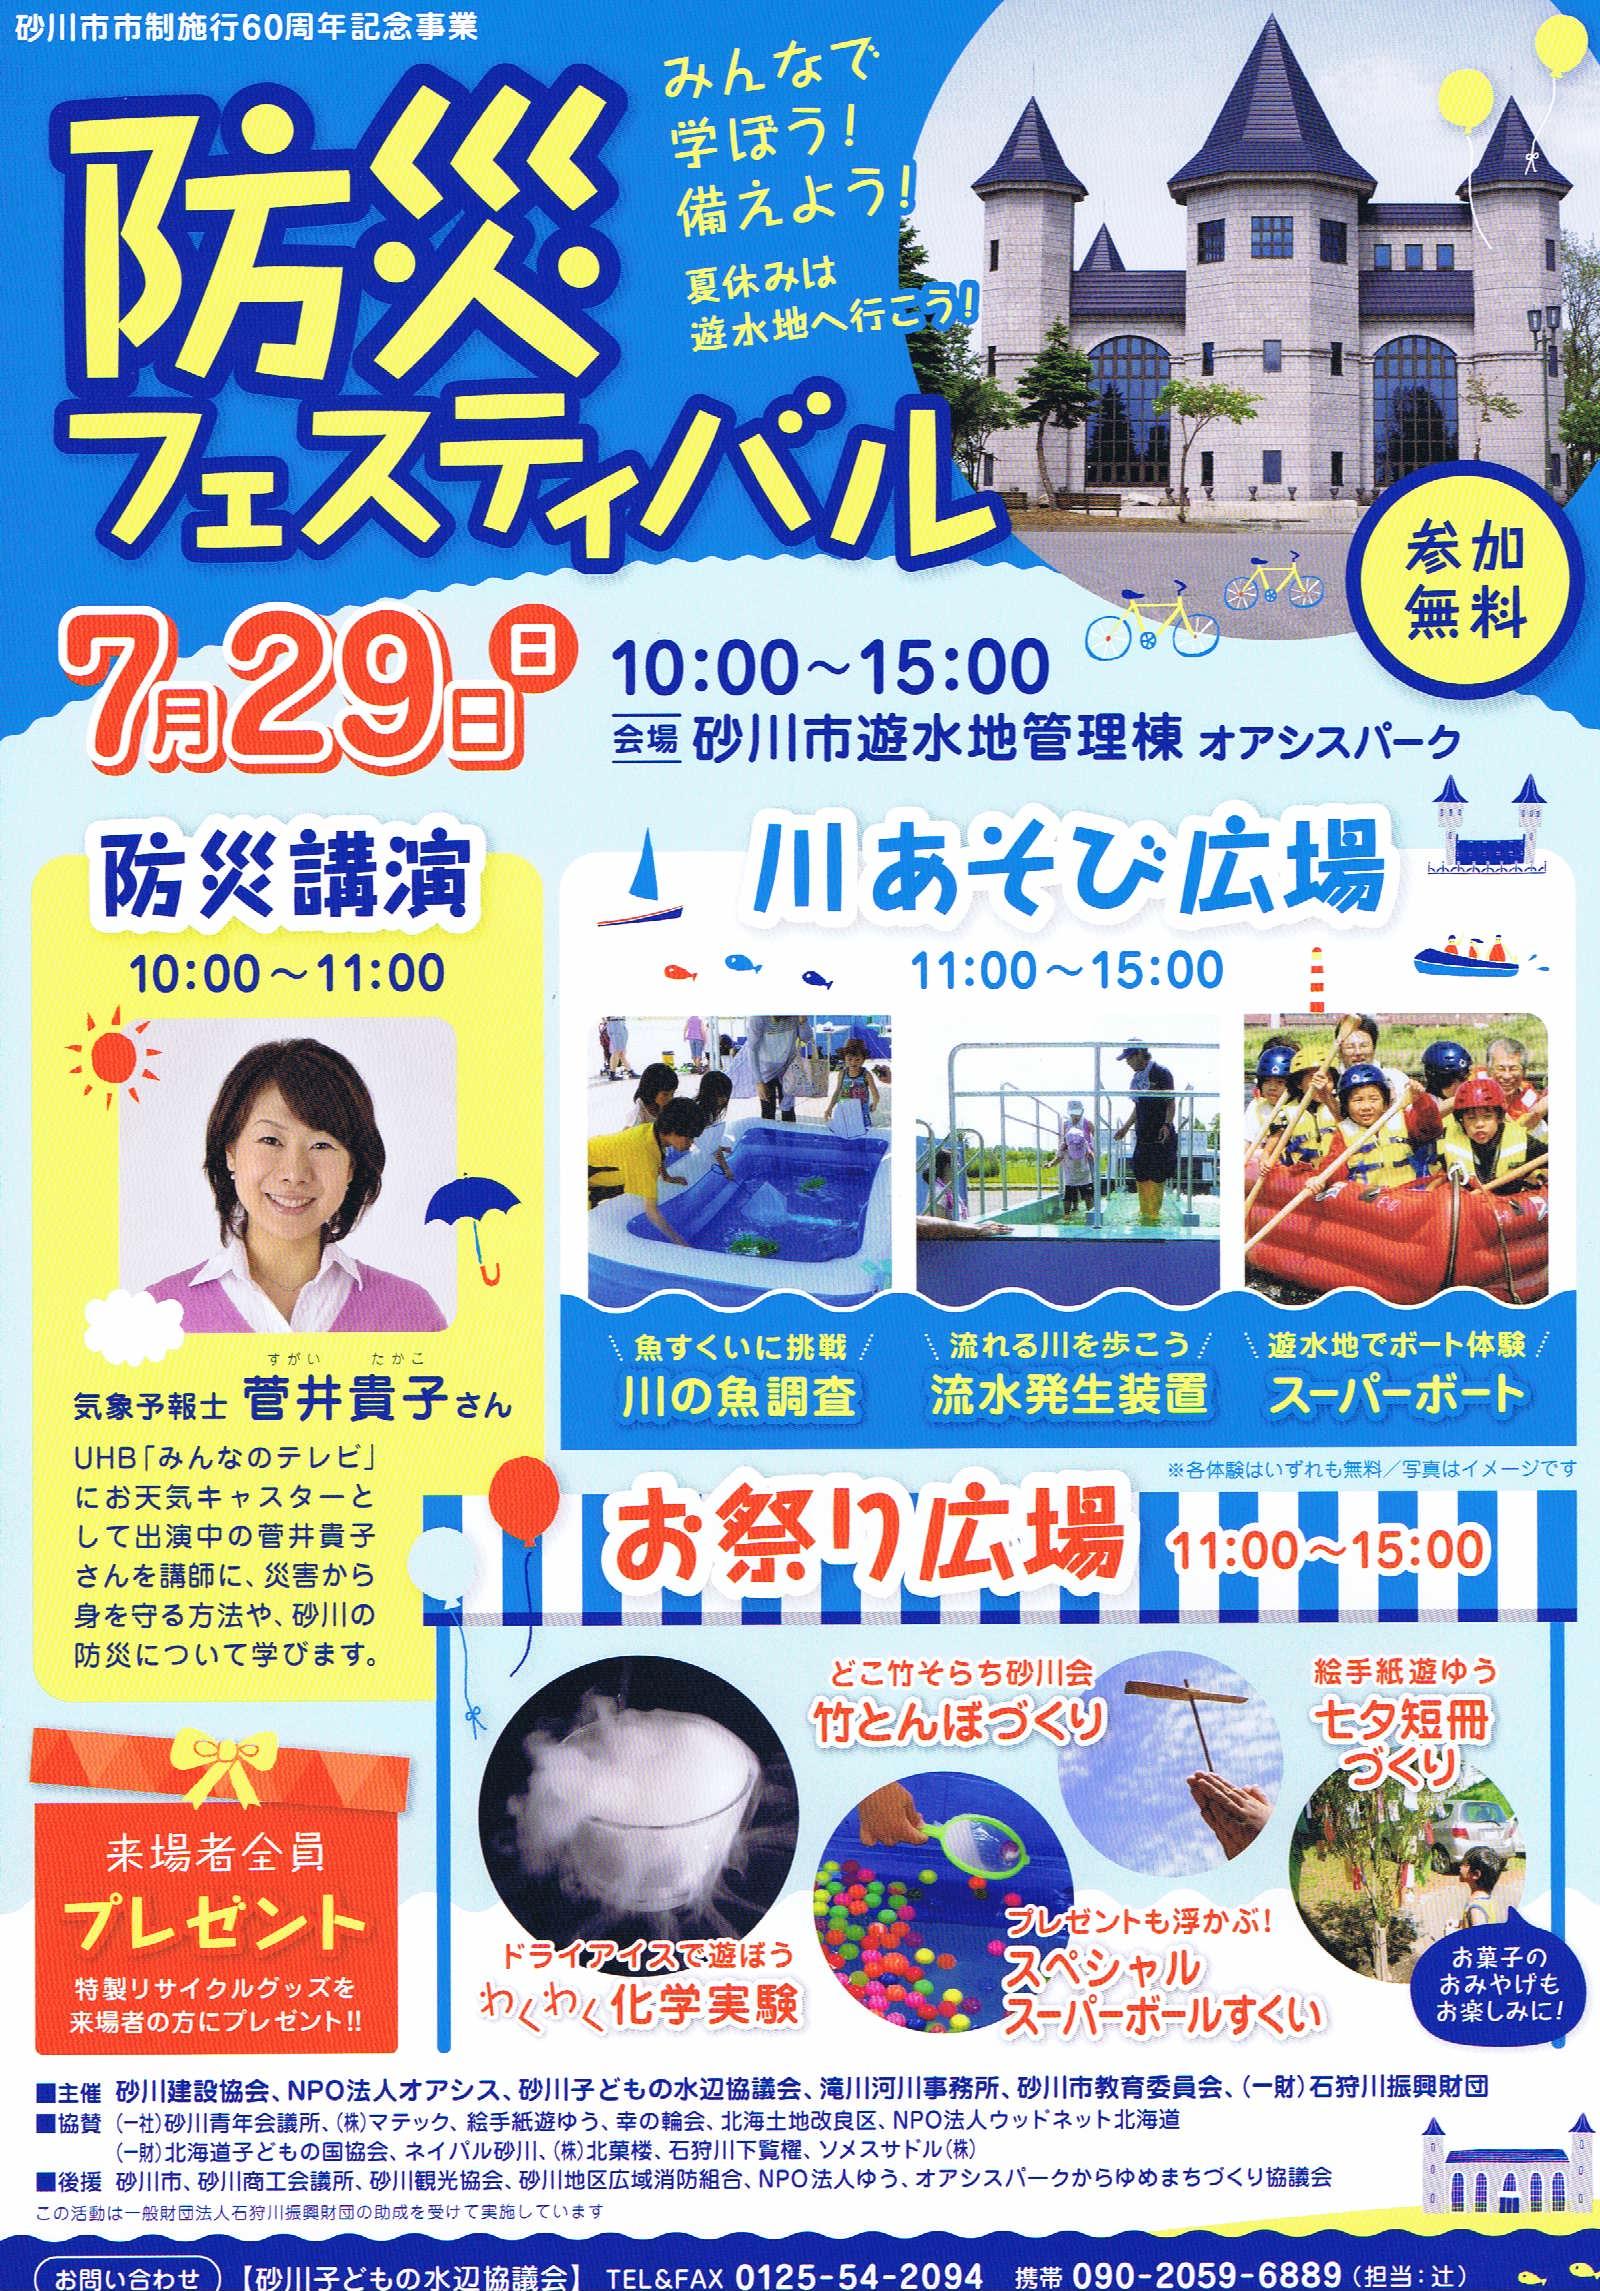 防災フェスティバルのポスター